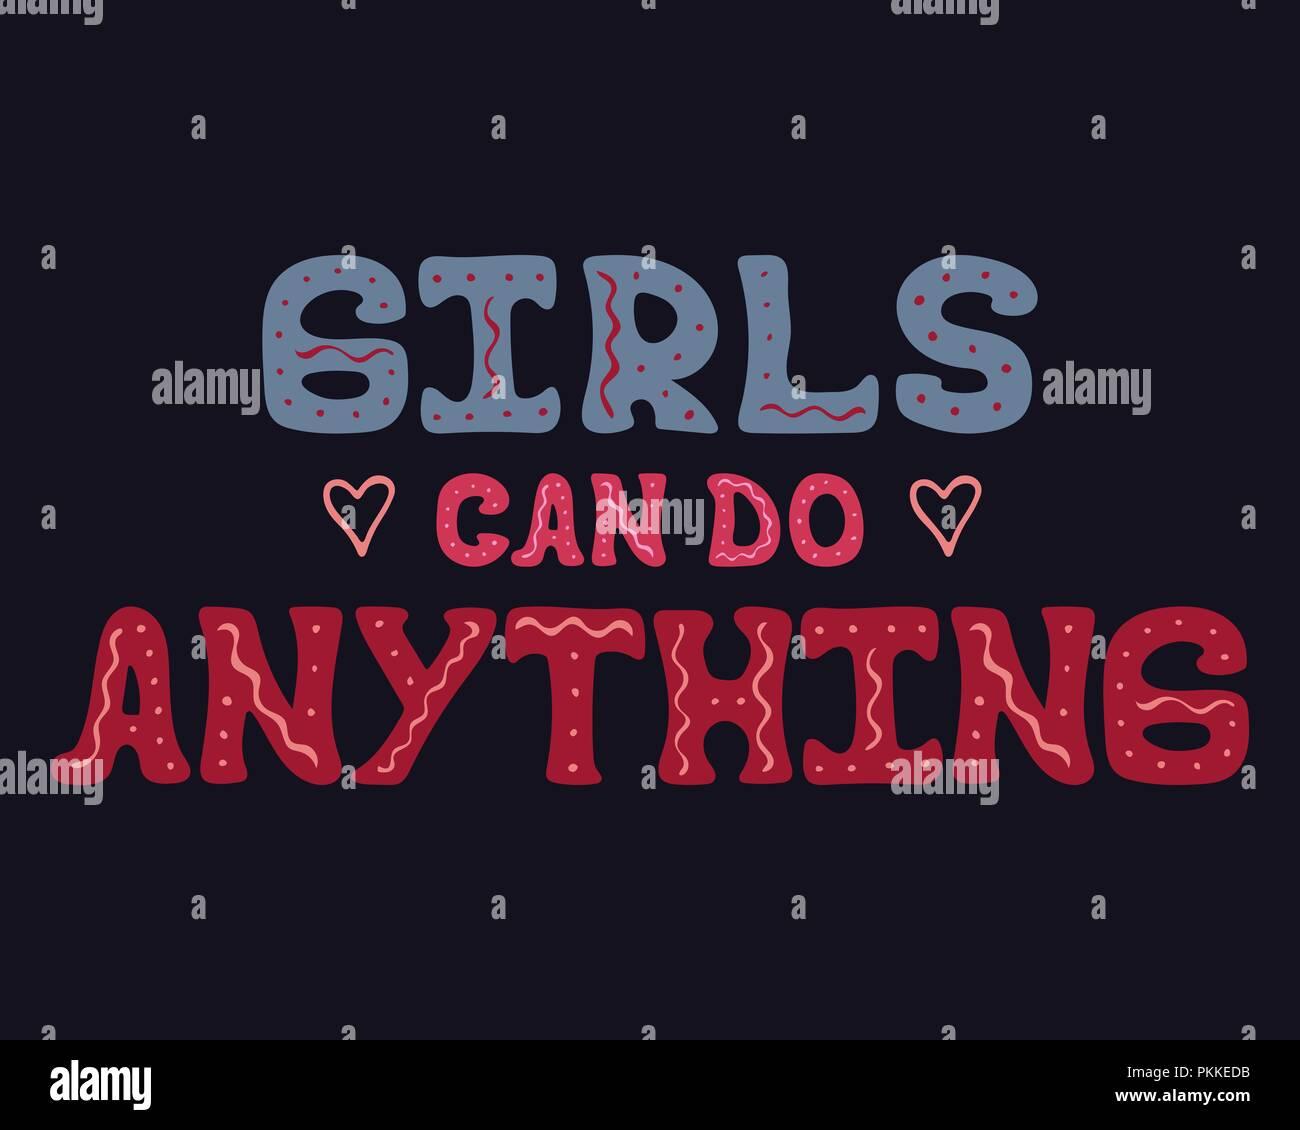 Cartel creativo con letras vectoriales dibujadas a mano - Chicas pueden hacer cualquier cosa. Imagen De Stock